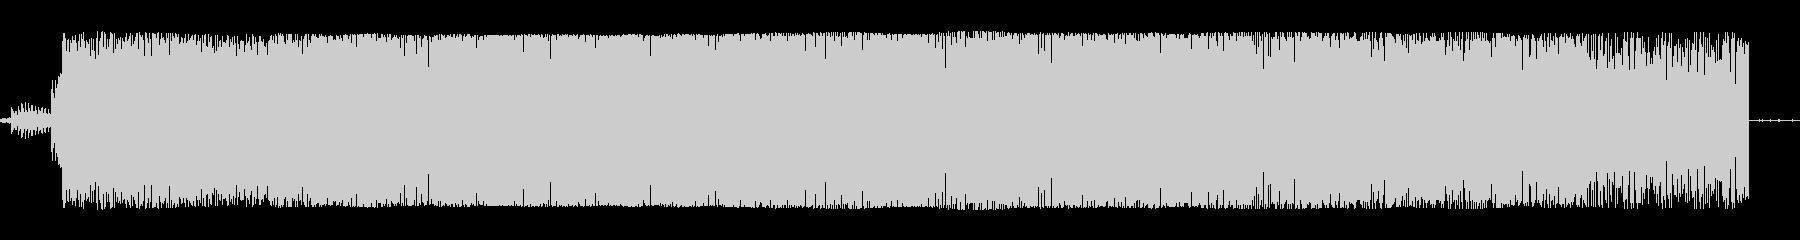 ギターメタルパワーコードpの未再生の波形